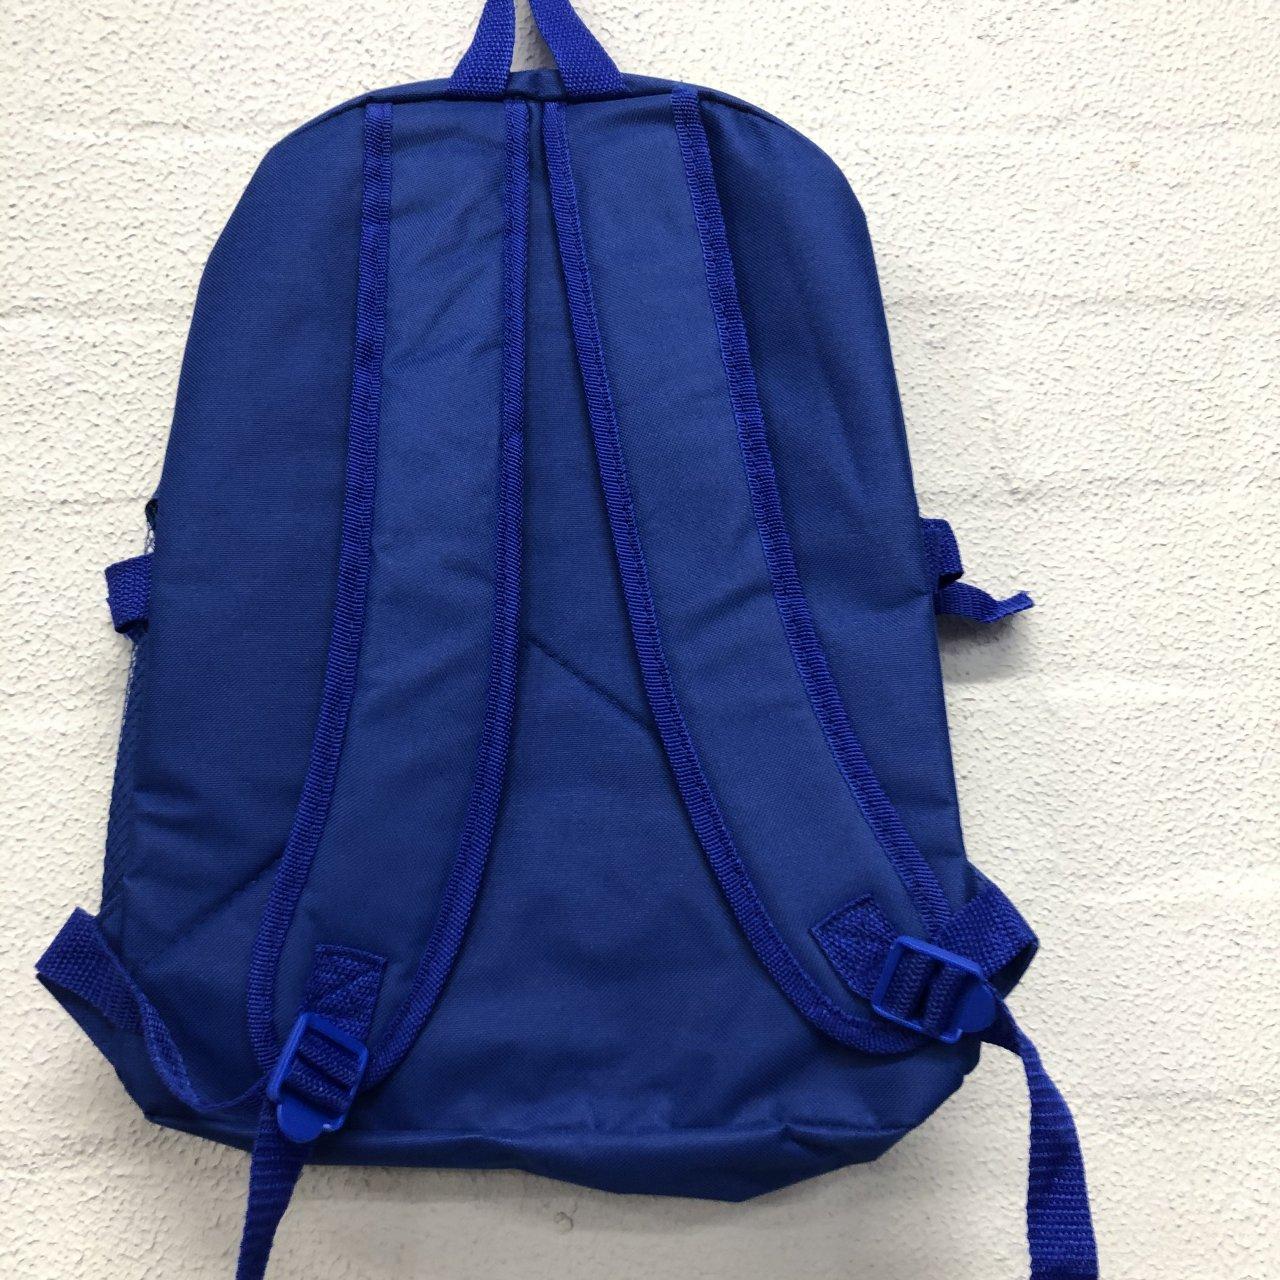 Kangaroos AFL backpack and kids Guernsey